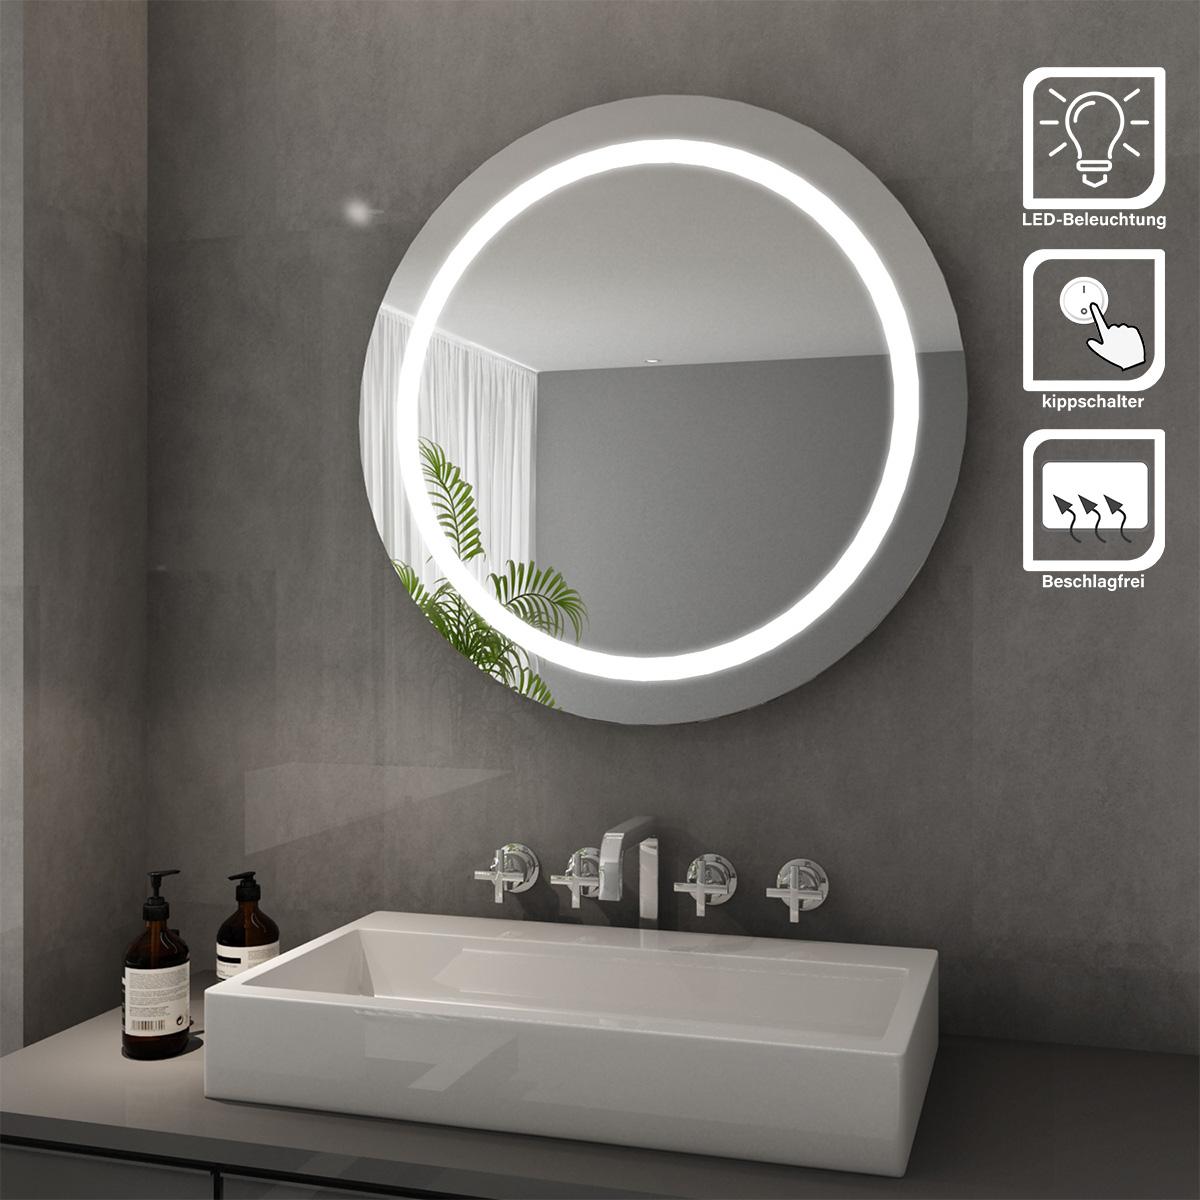 Details Zu Led Rund Badspiegel Badezimmer Lichtspiegel Rund Wandspiegel Mit Beleuchtung